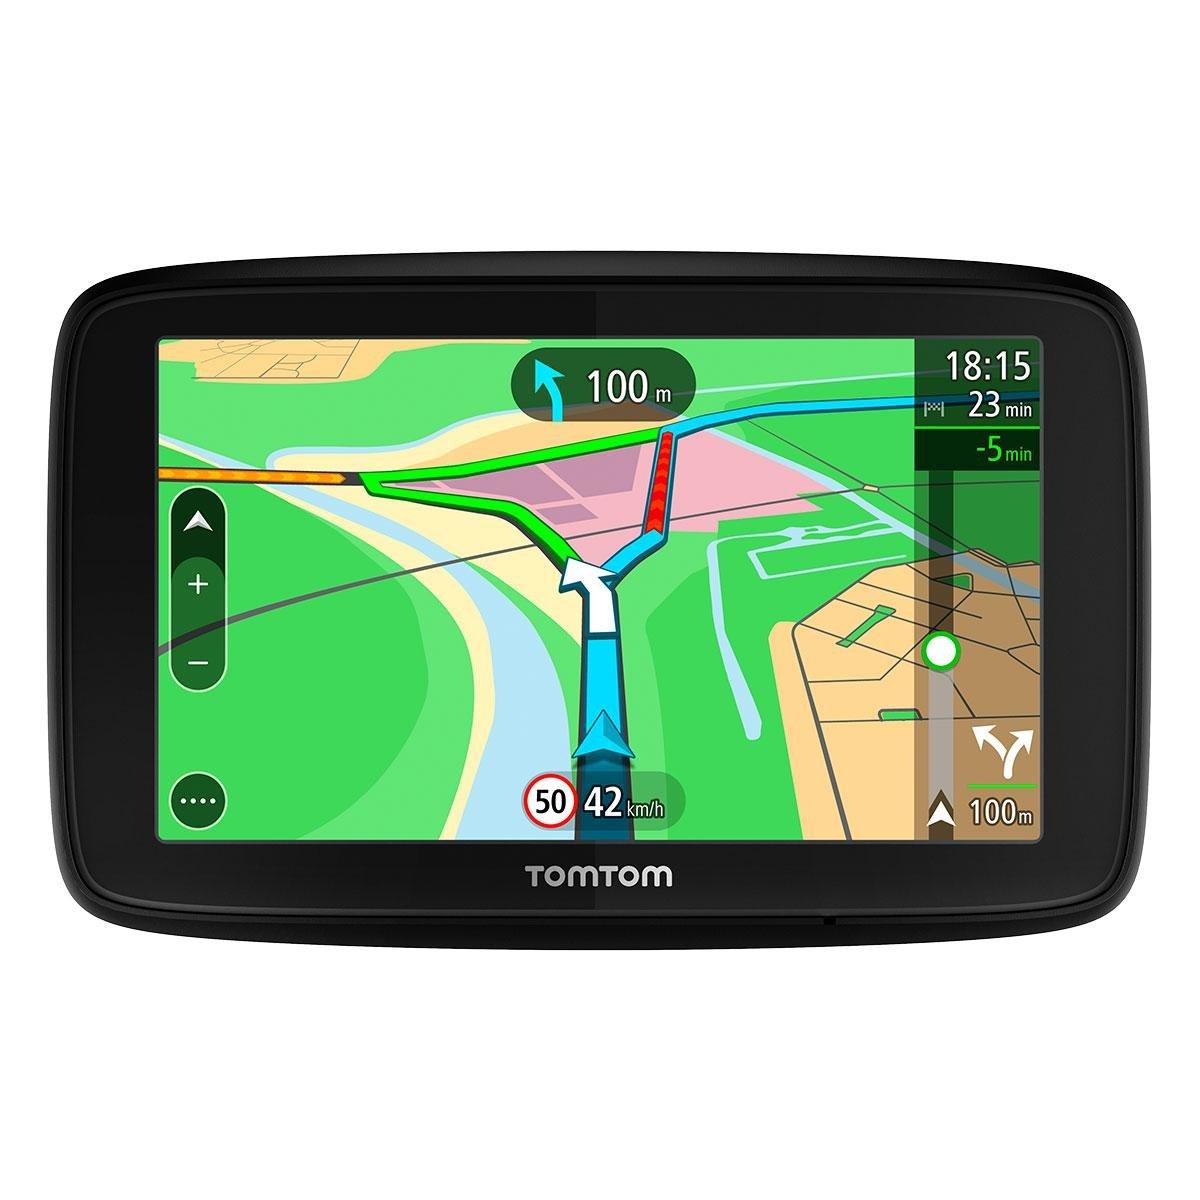 """TomTom VIA 53 - GPS Navegació n con pantalla tá ctil de 5"""" , mapa de 48 paí ses, planifica rutas inteligentes que te ayudan a escapar del trá fico en tiempo real, color negro mapa de 48 países TomTom Spain 1AL5.002.03"""